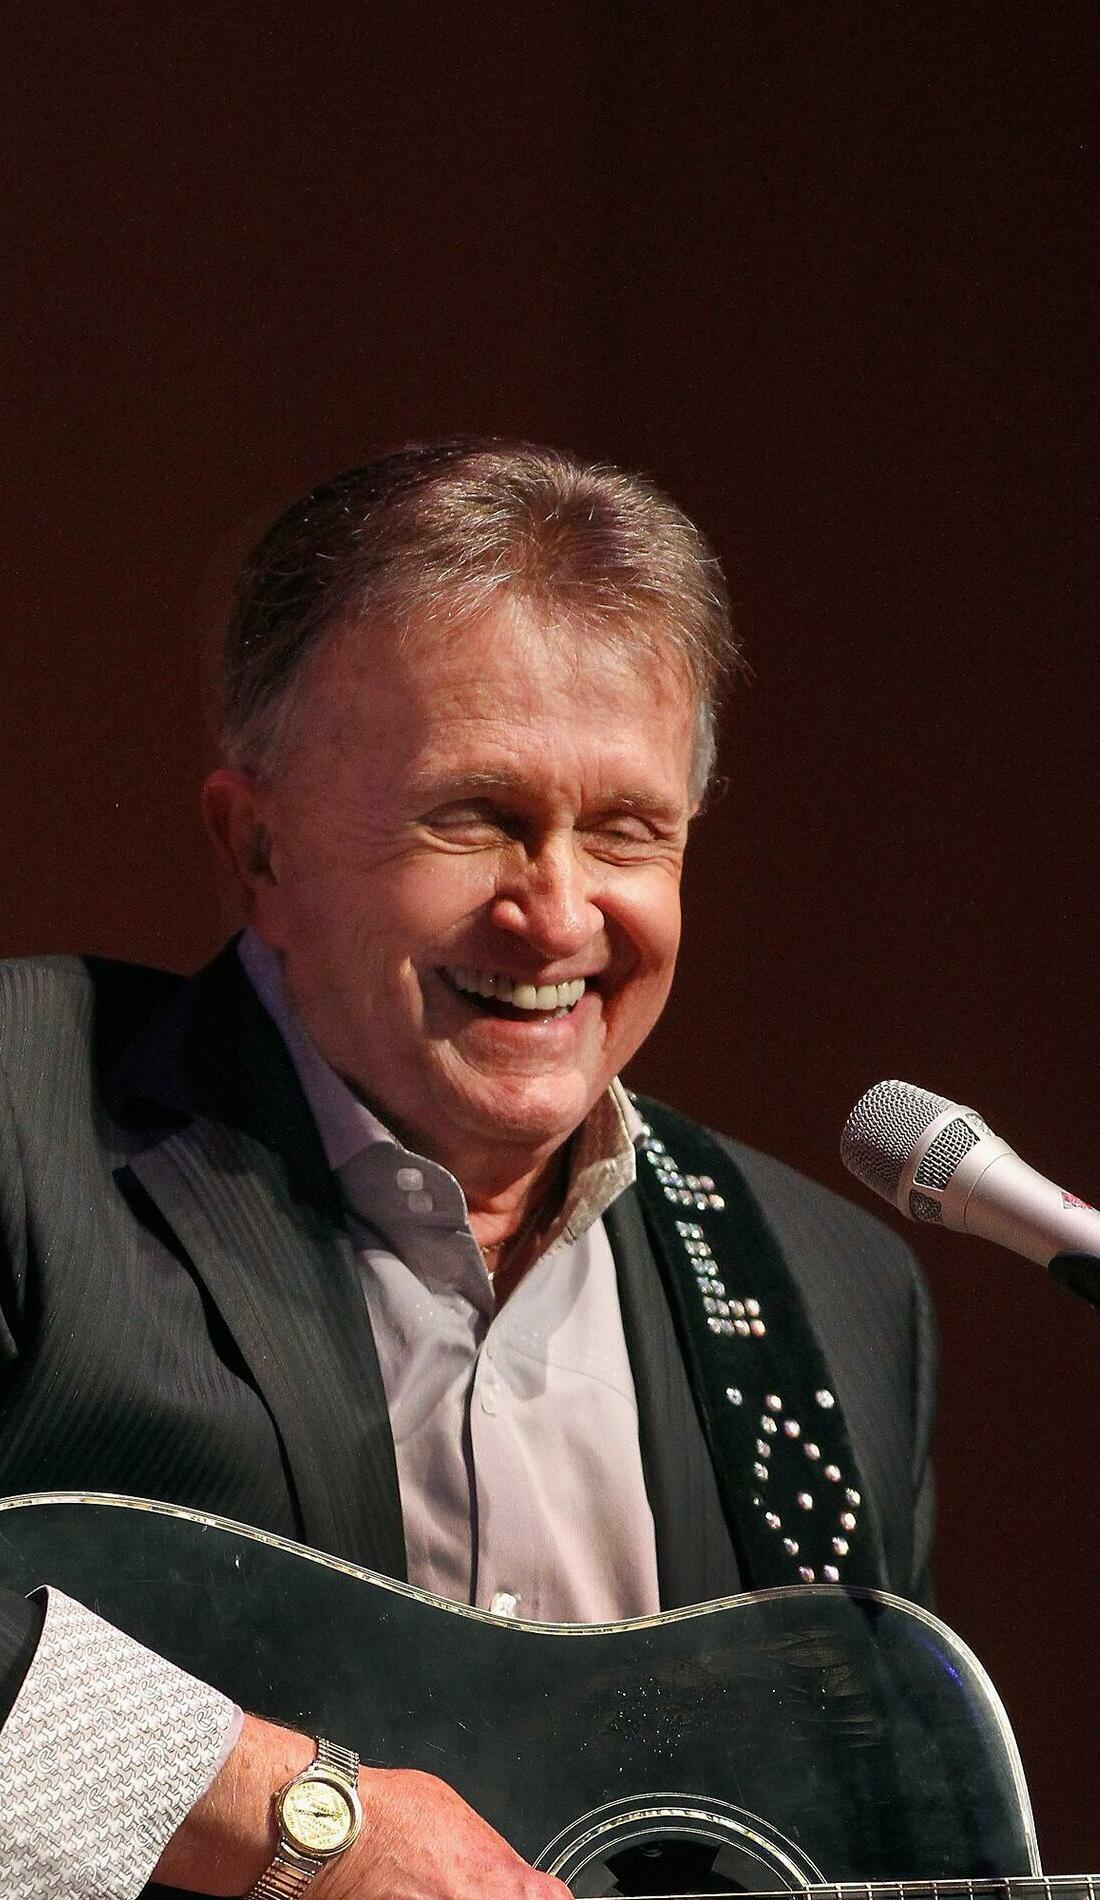 A Bill Anderson live event